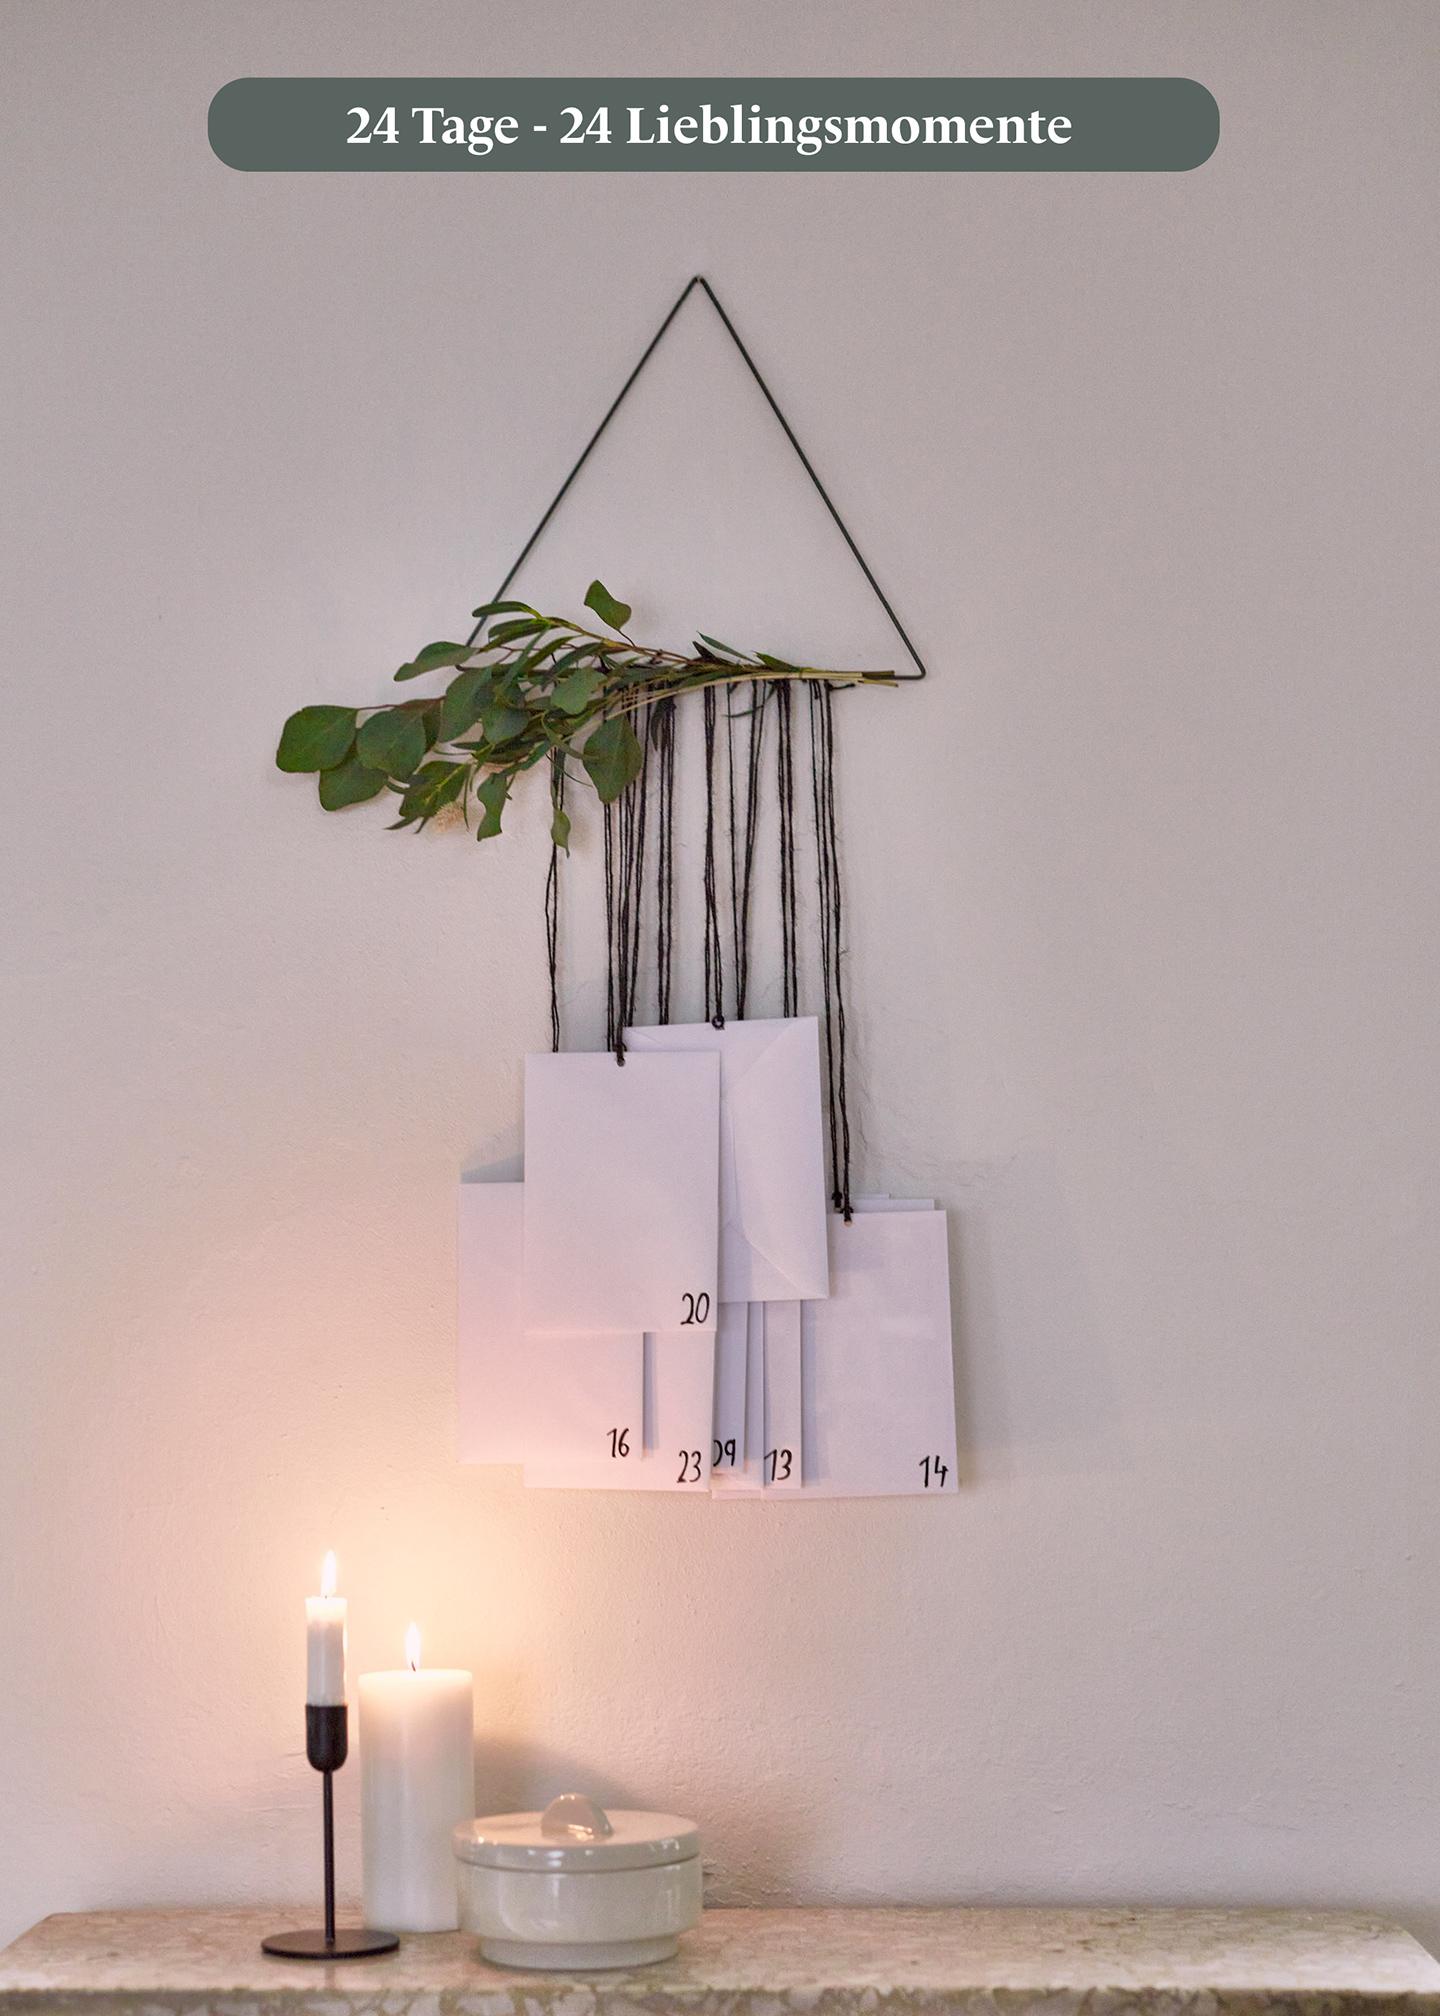 Adventskalender selber basteln: Dreieck mit Zweigen hängt an der Wand und Umschläge für jeden Tag enthalten ein Foto.